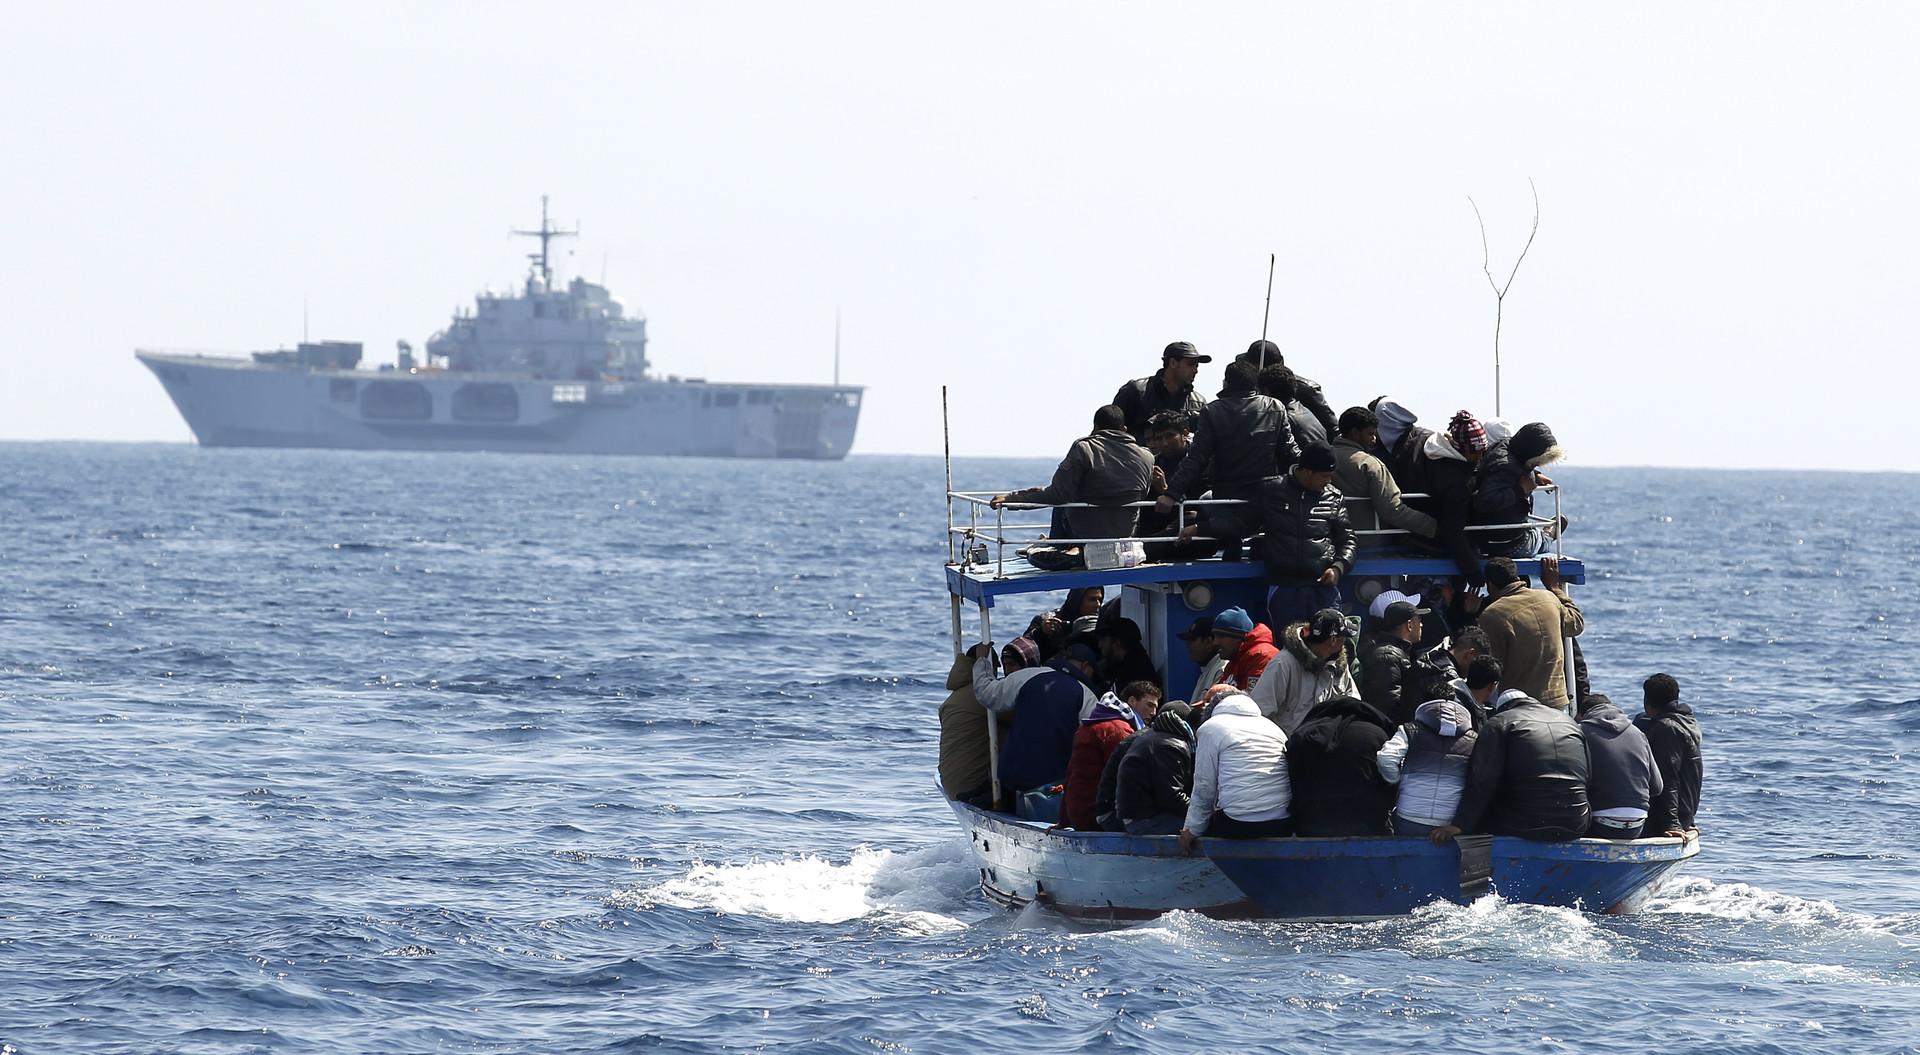 سفينة تقل مهاجرين غير شرعيين - أرشيف